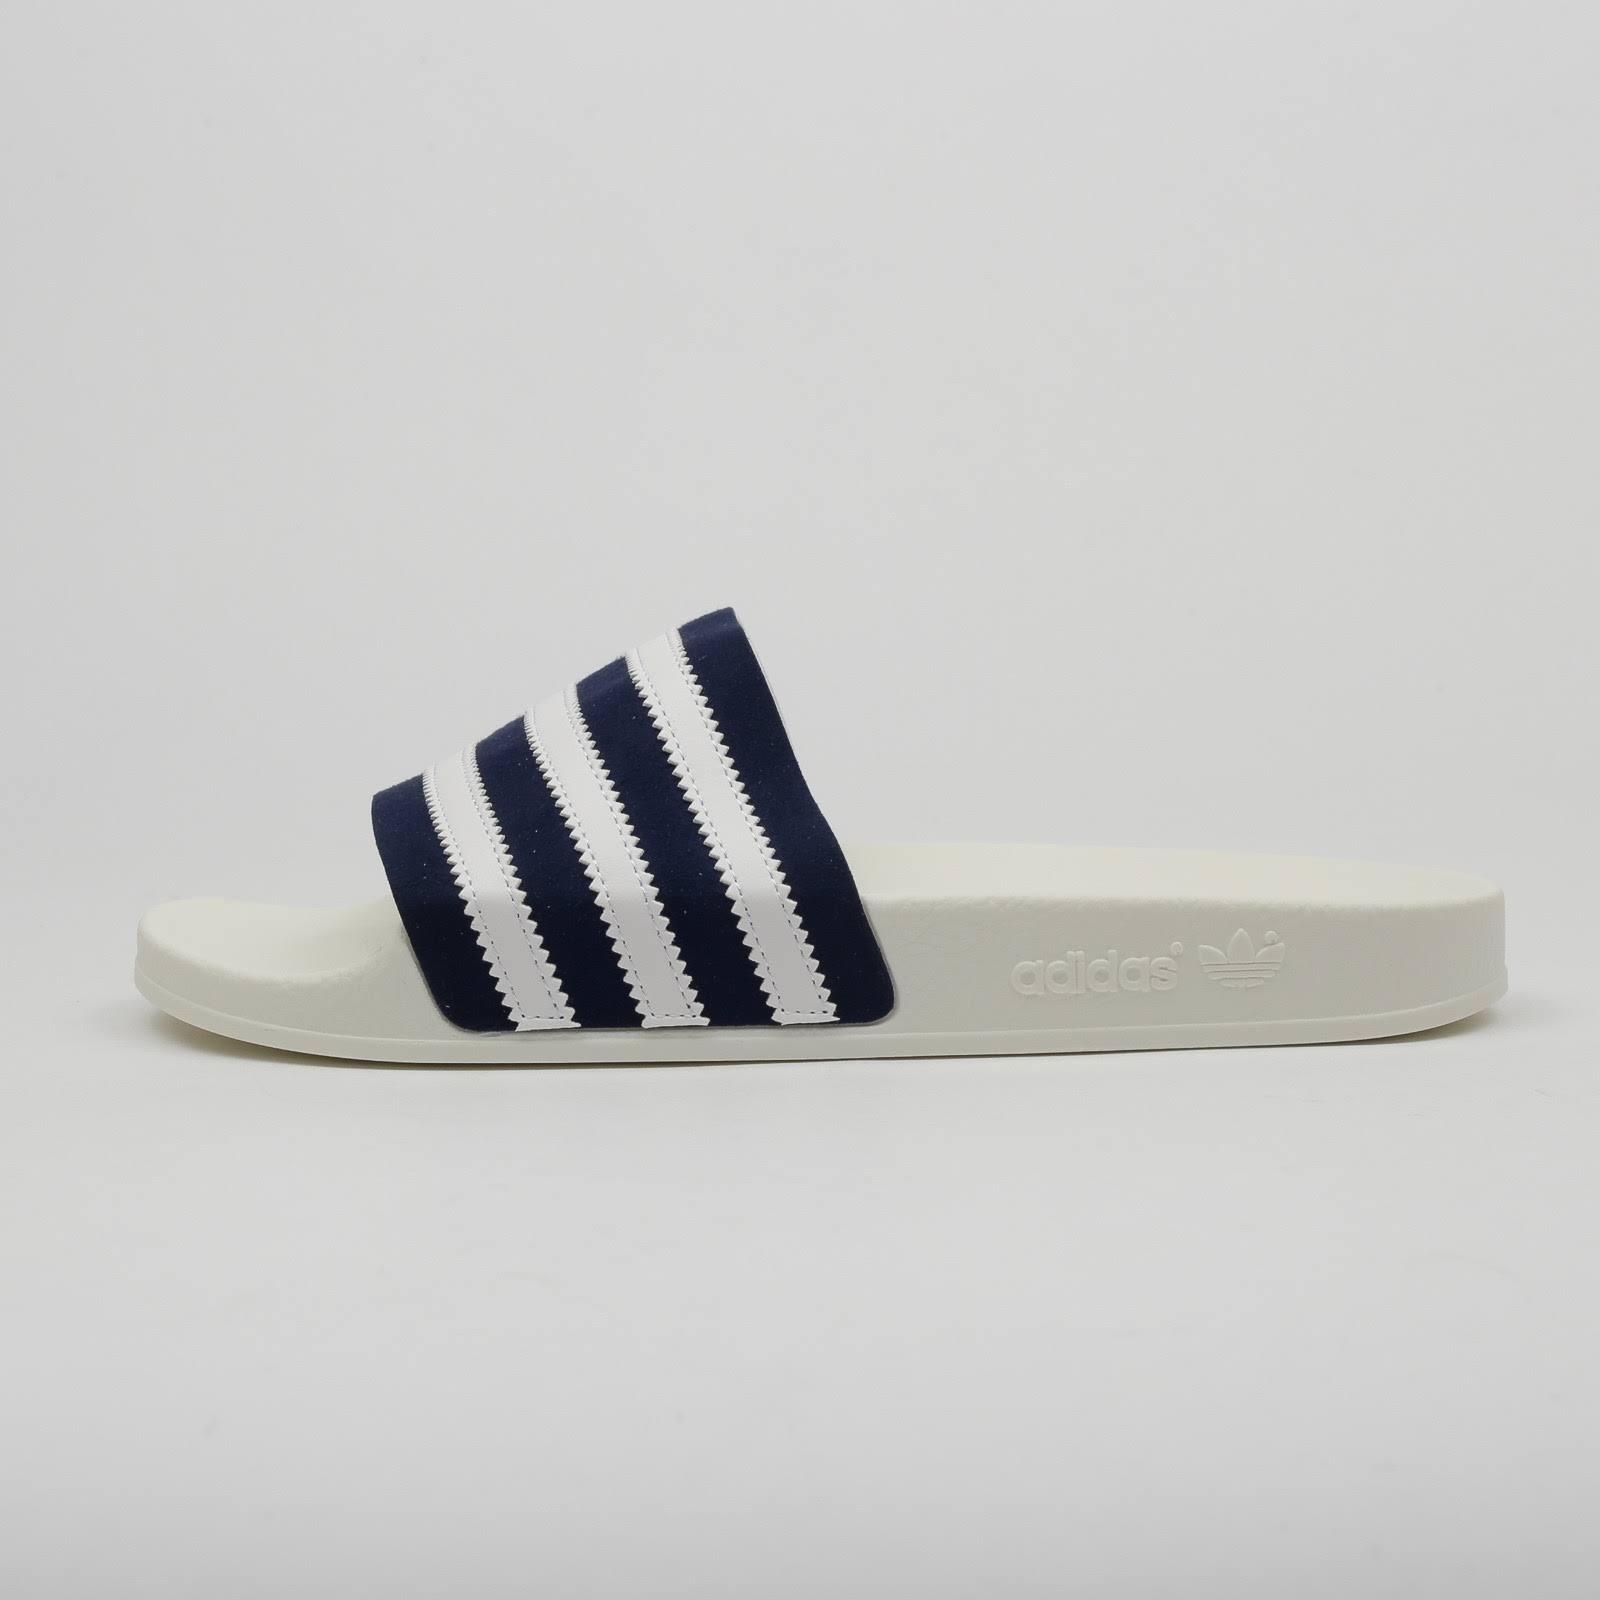 Adidas Adilette Blue Adilette Adidas Blue Dark Dark Adidas edBCrox